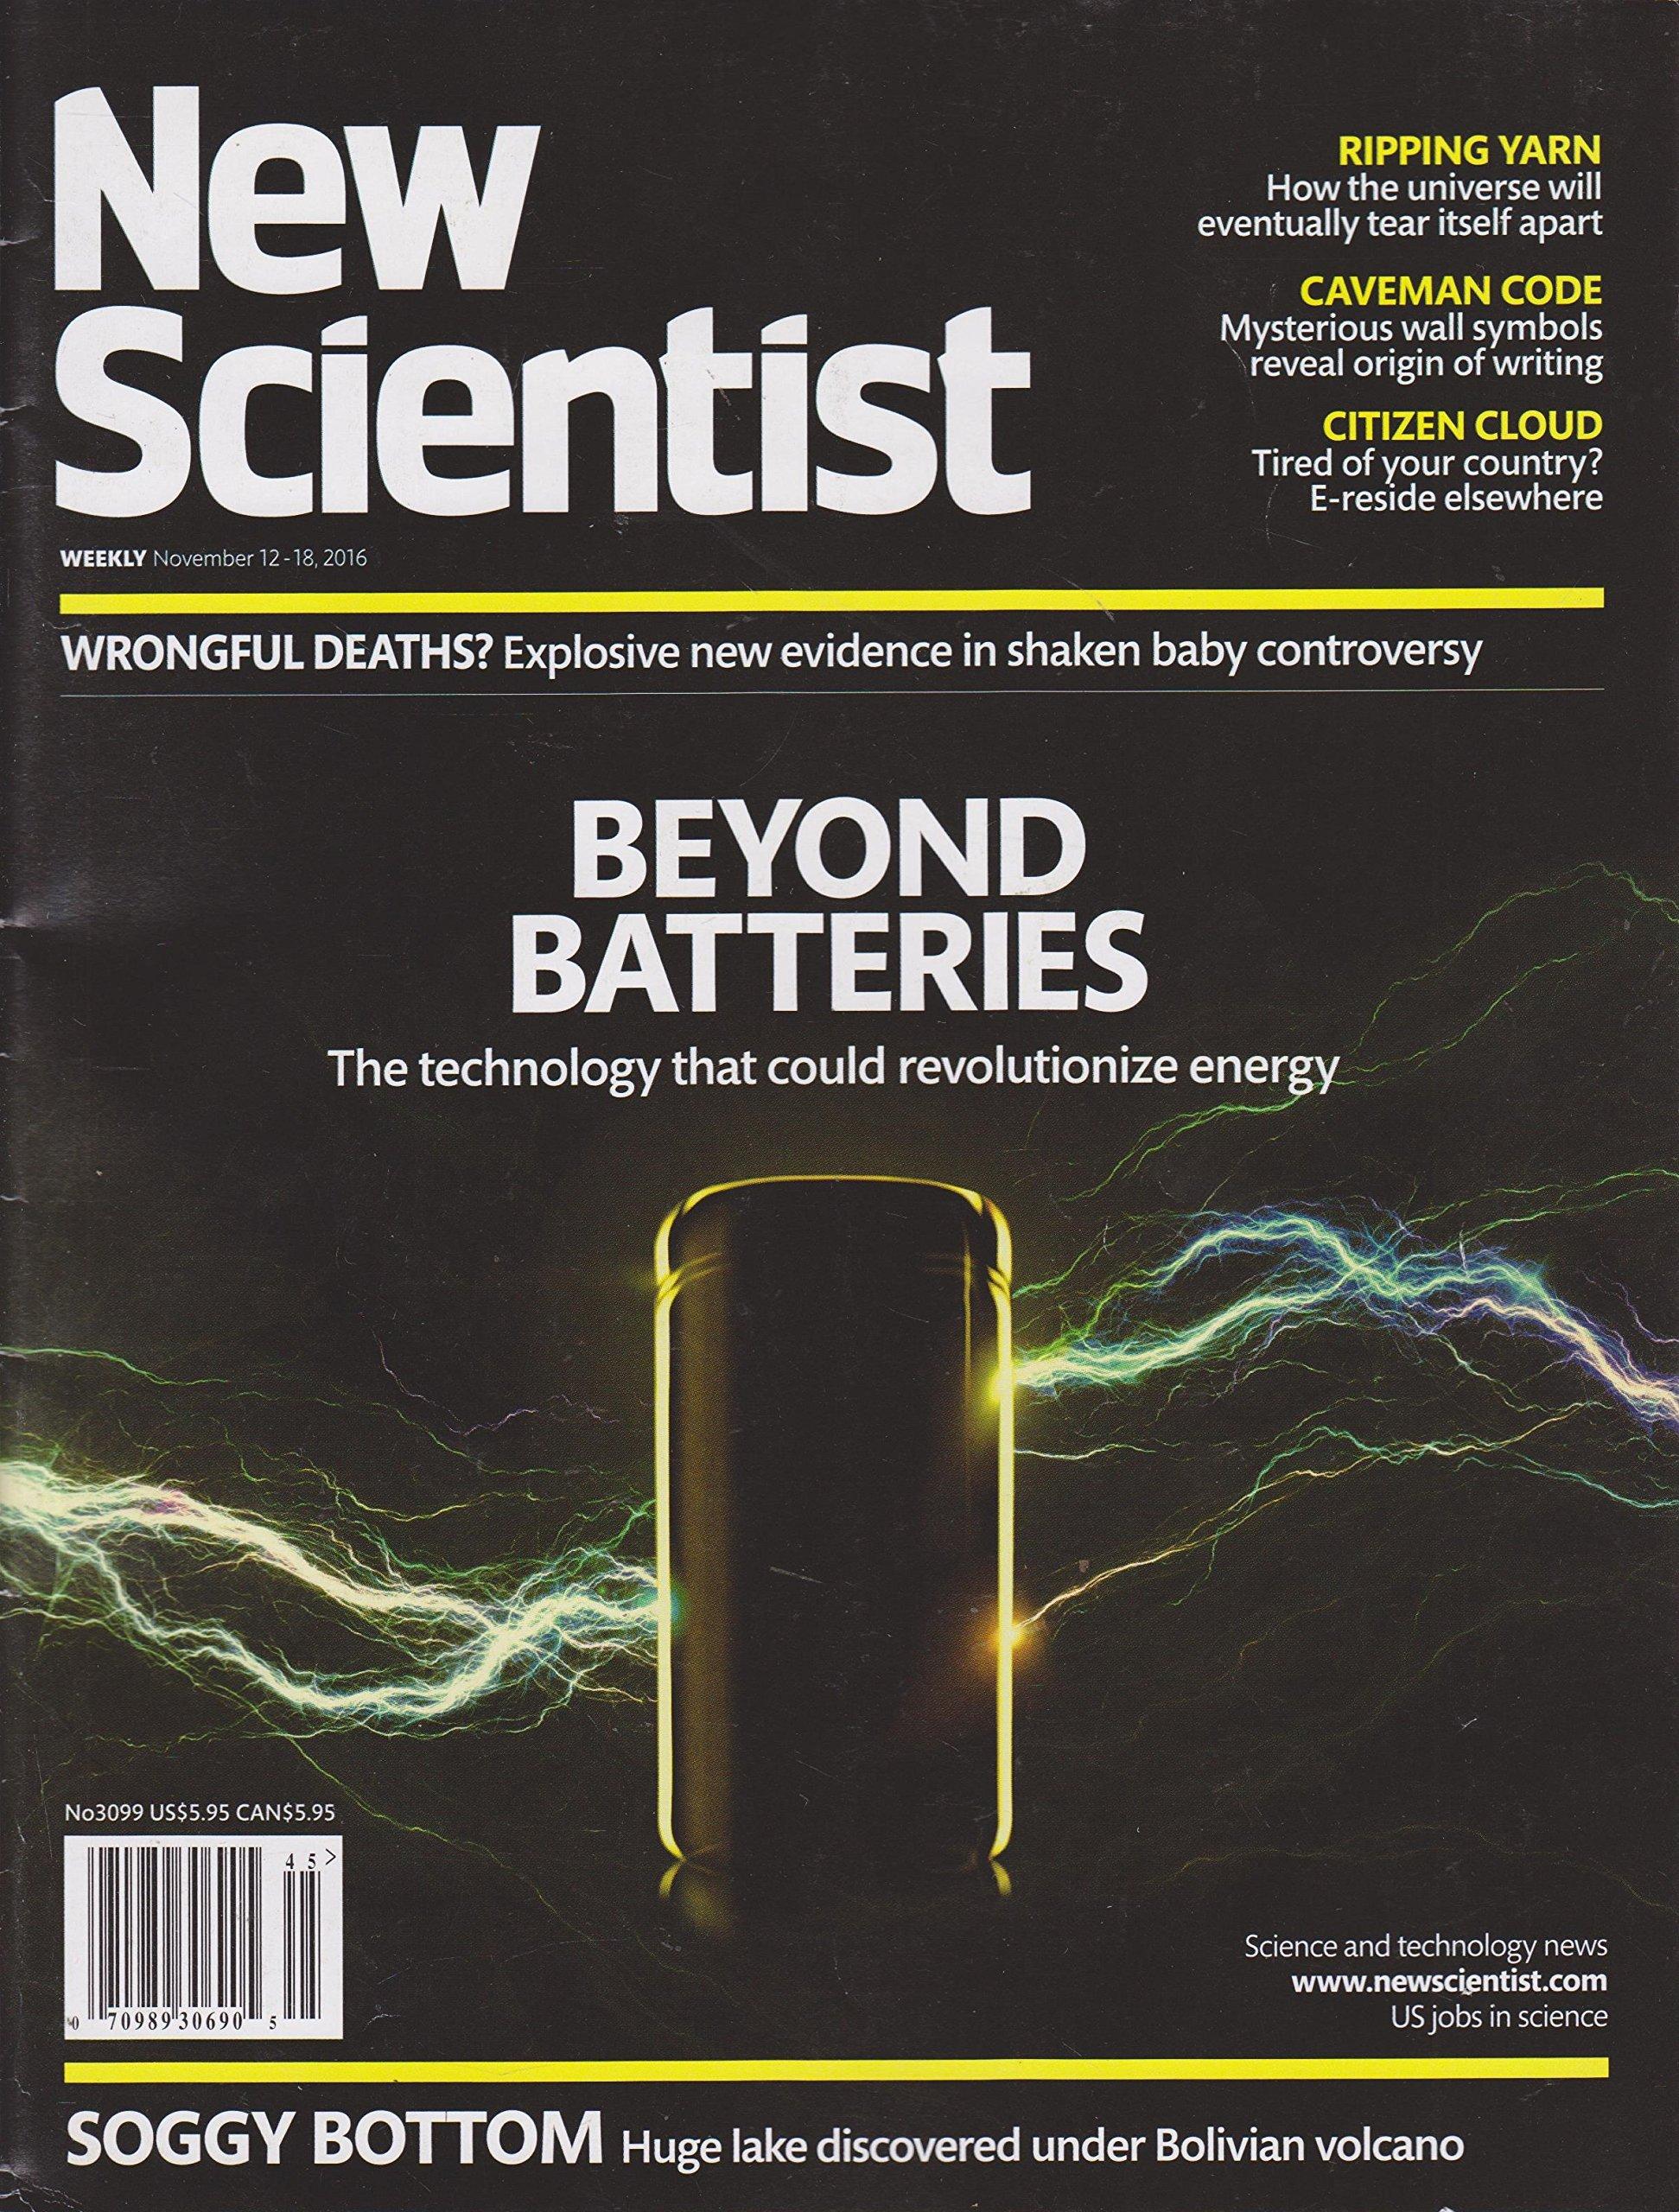 New Scientist Magazine November 12-18 2016 PDF